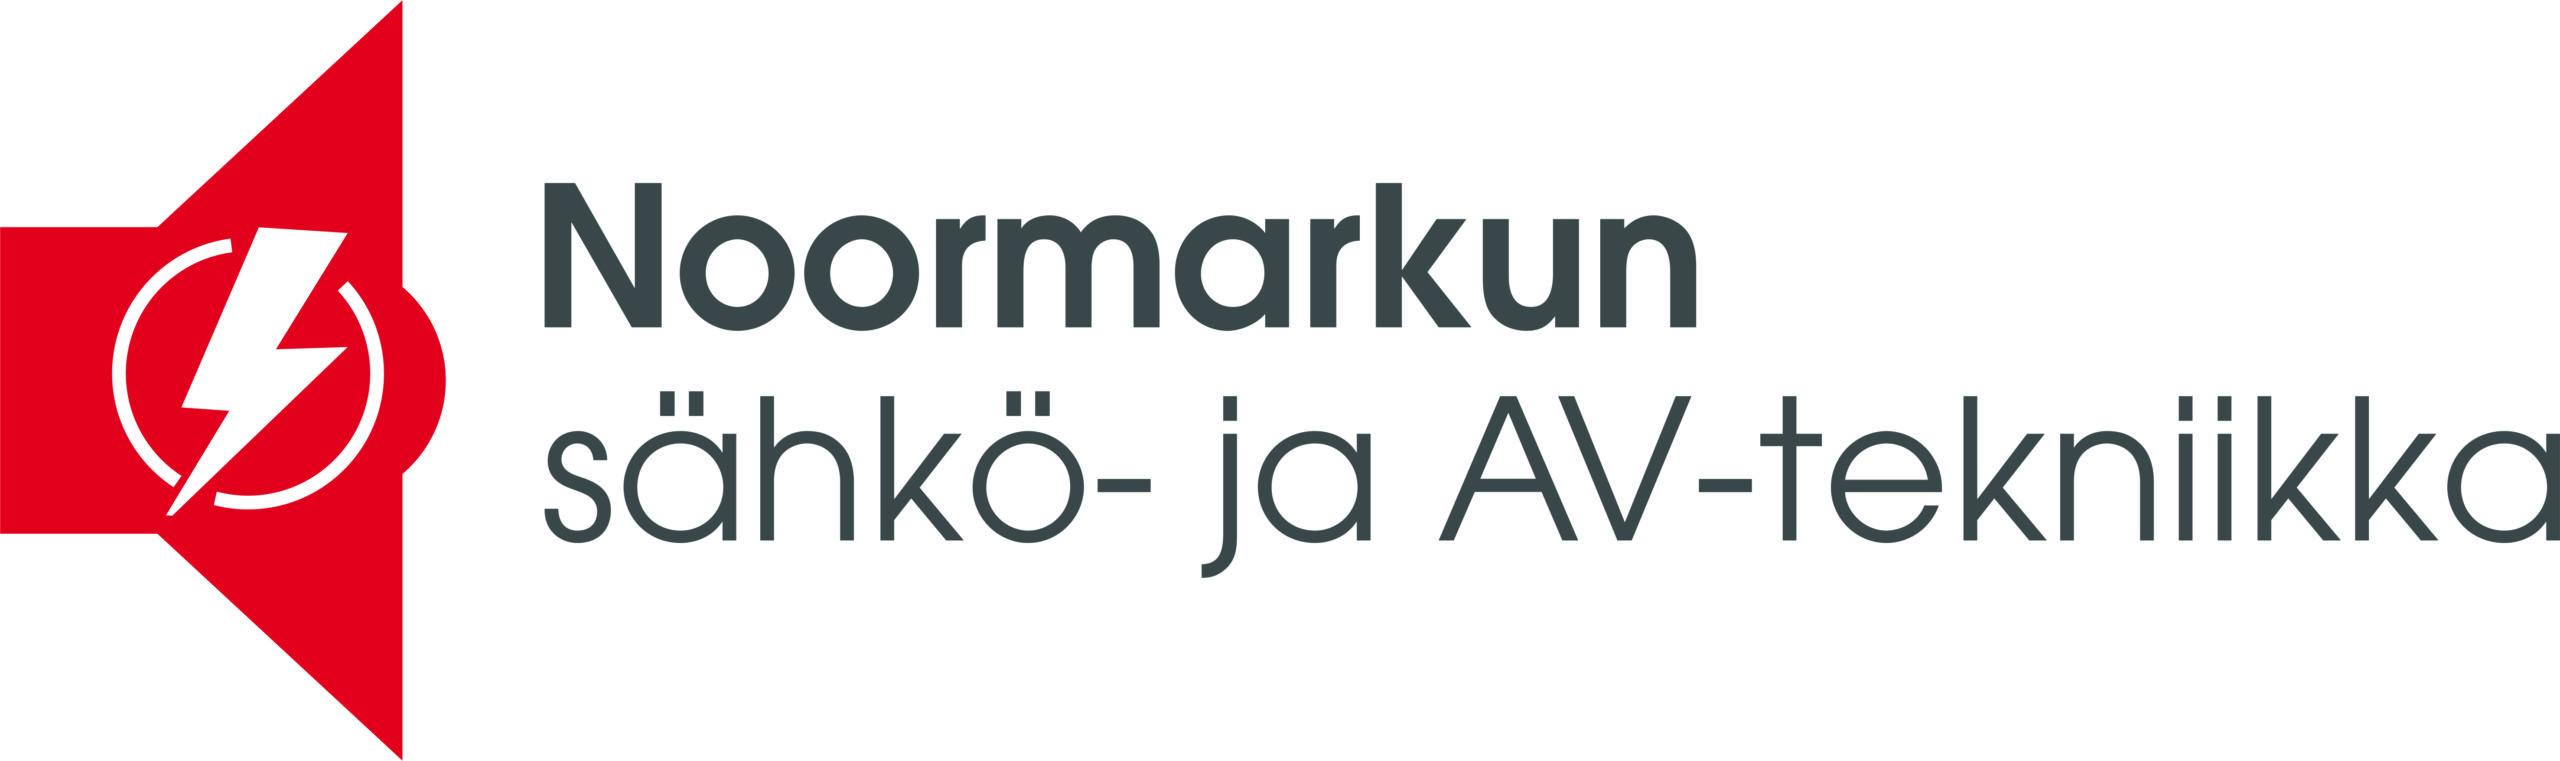 Noormarkun Sähkö- ja AV-tekniikka